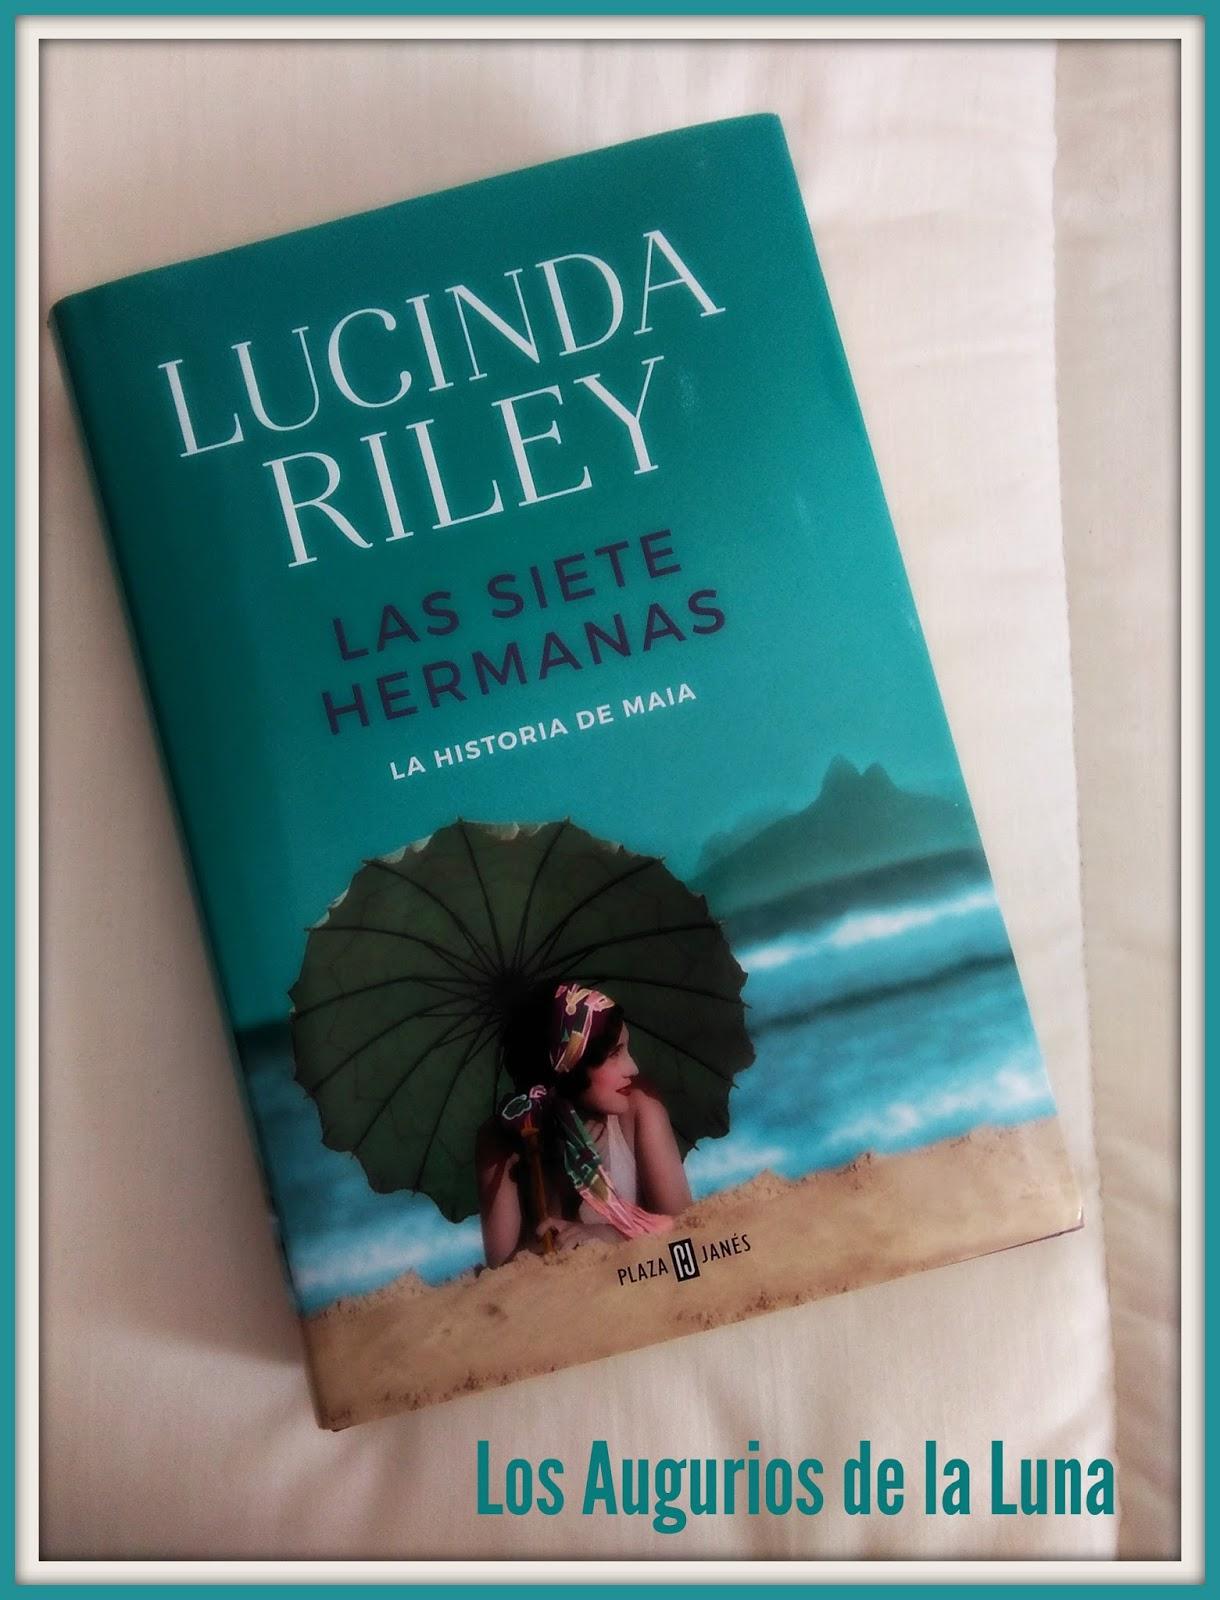 ... en la historia que nos ofrece la autora, que no conocía antes pero que  ahora ha pasado a engrosas la lista de mis favoritas!